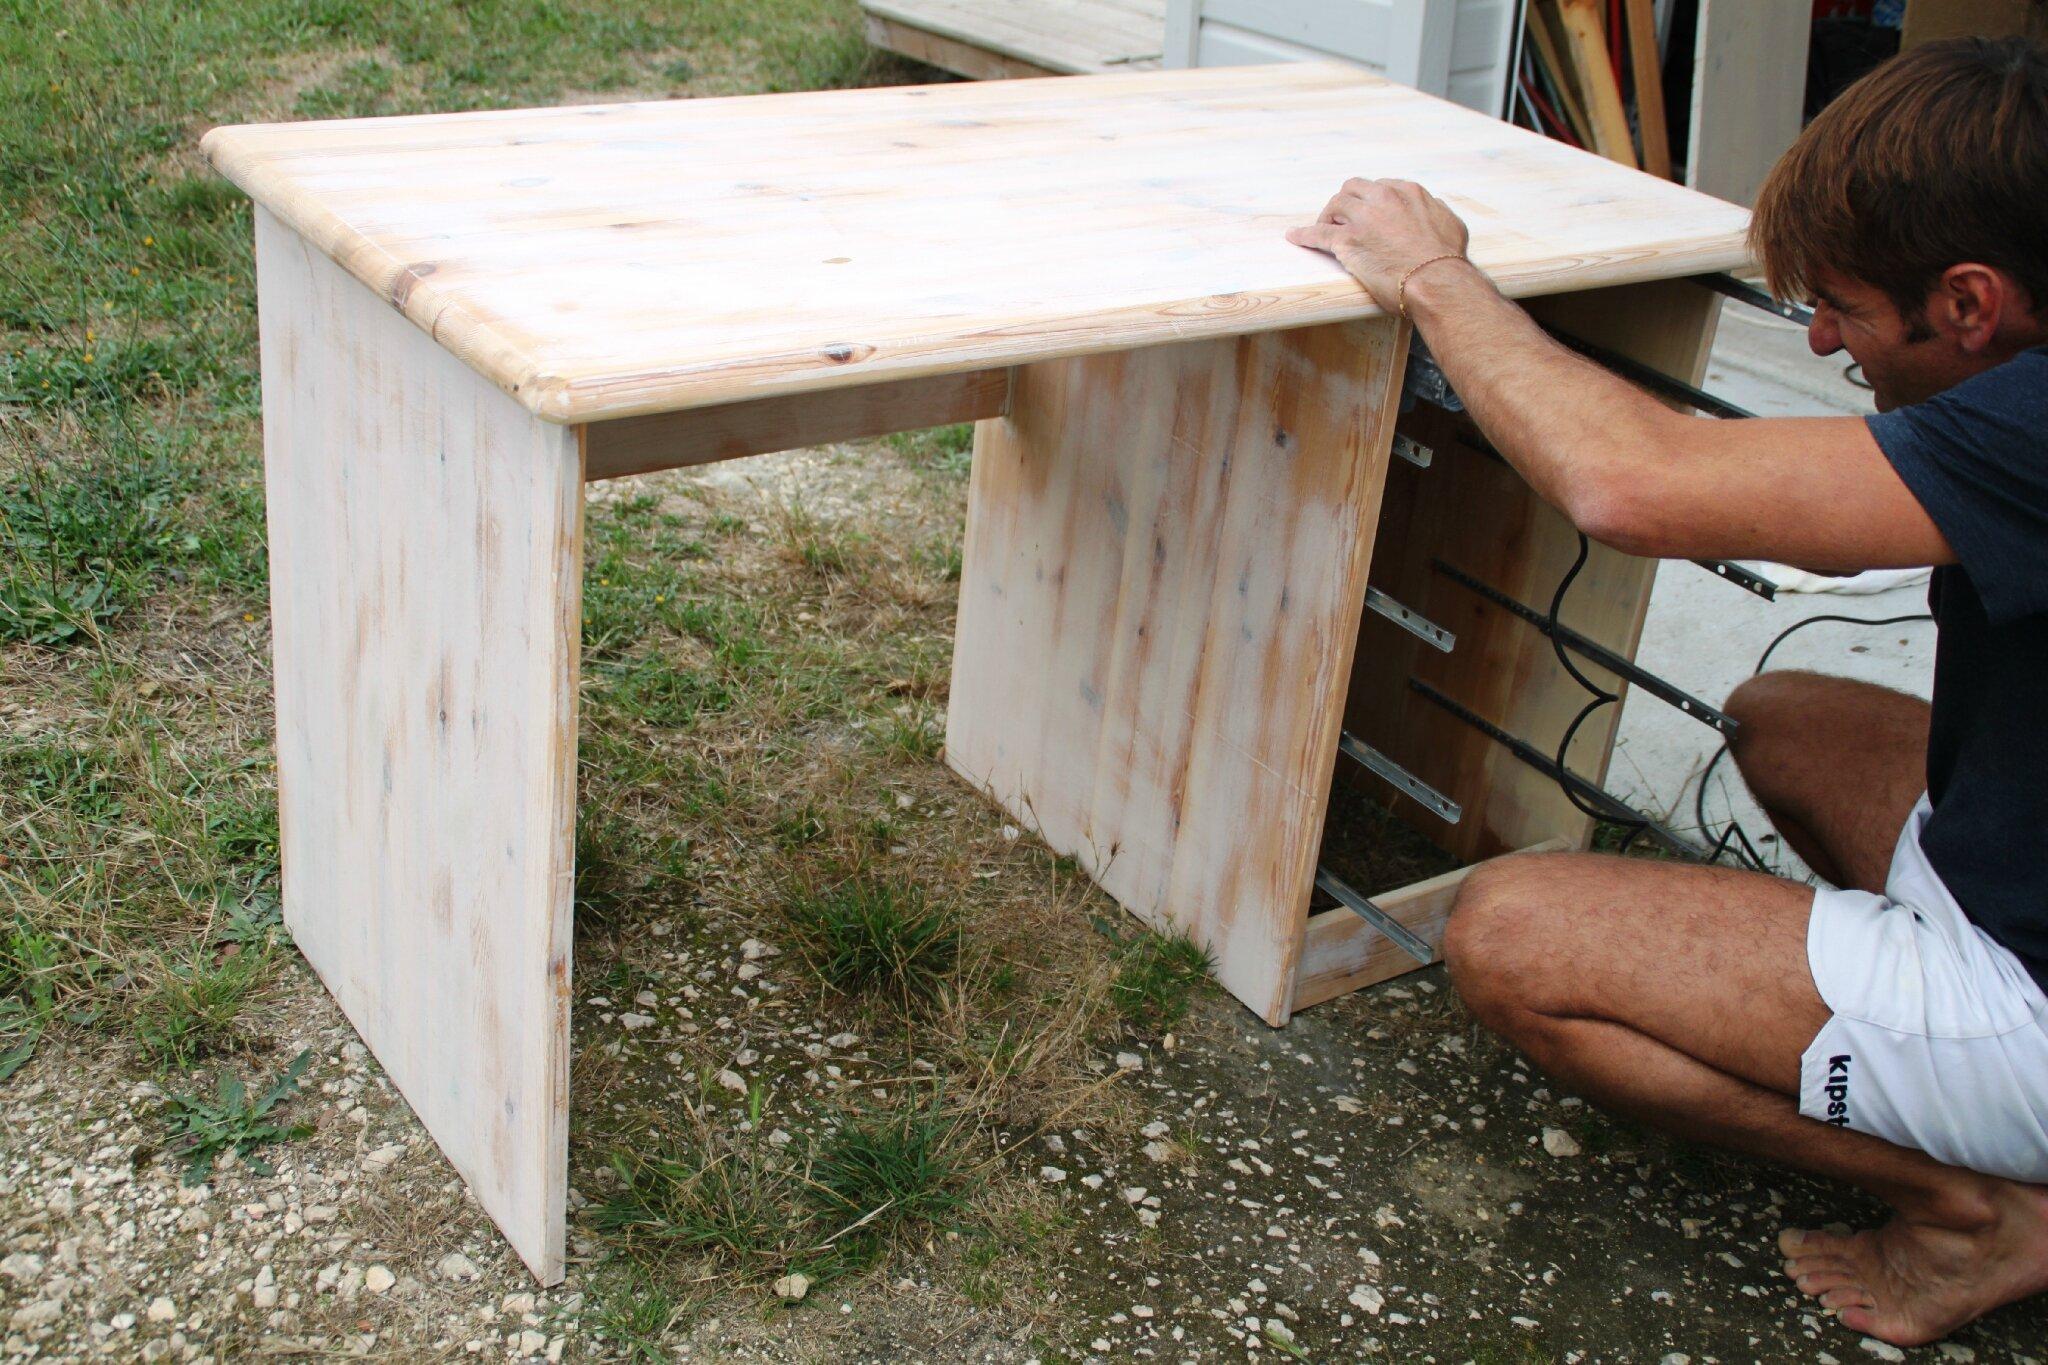 Comment relooker un bureau en bois elegant comment peindre une